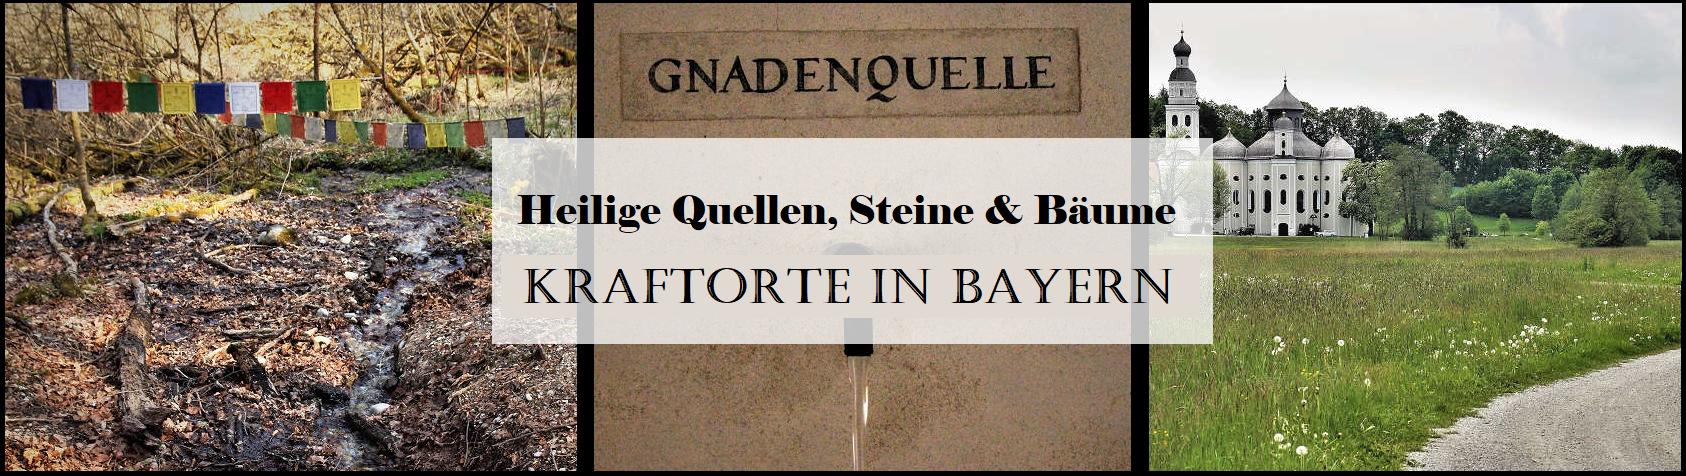 Kraftorte in Bayern: Heilige Quellen, Steine und Baeume